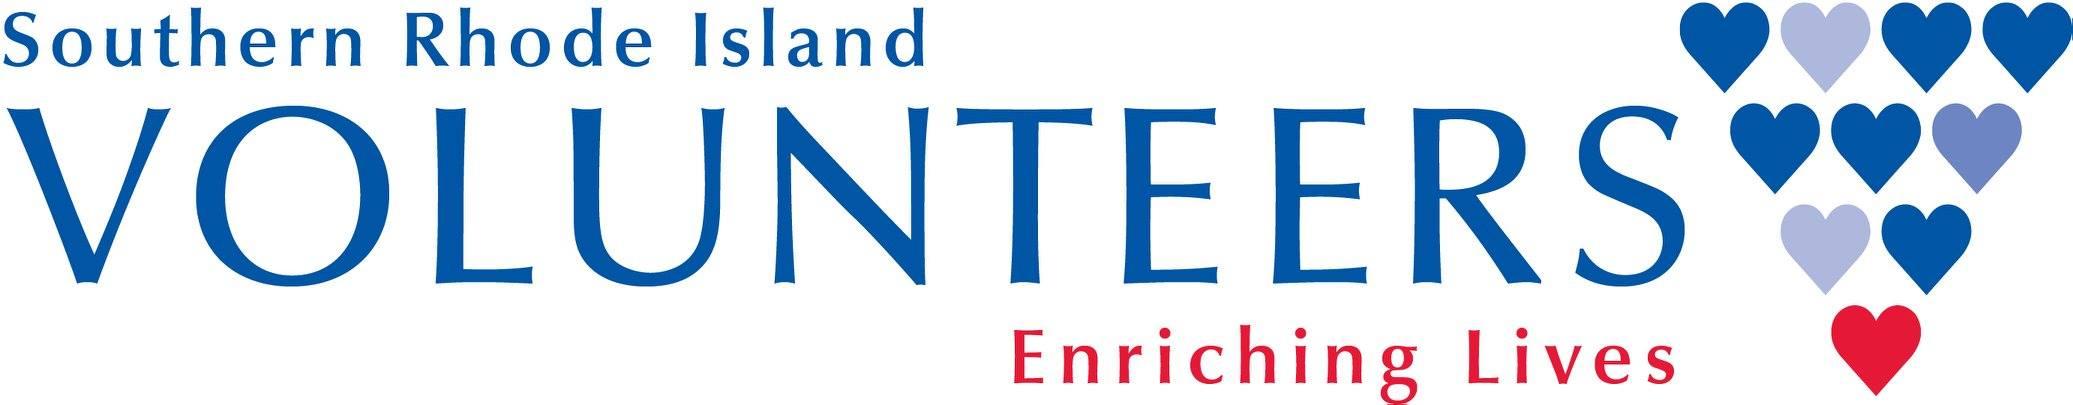 Southern Rhode Island Volunteers Logo.jpg